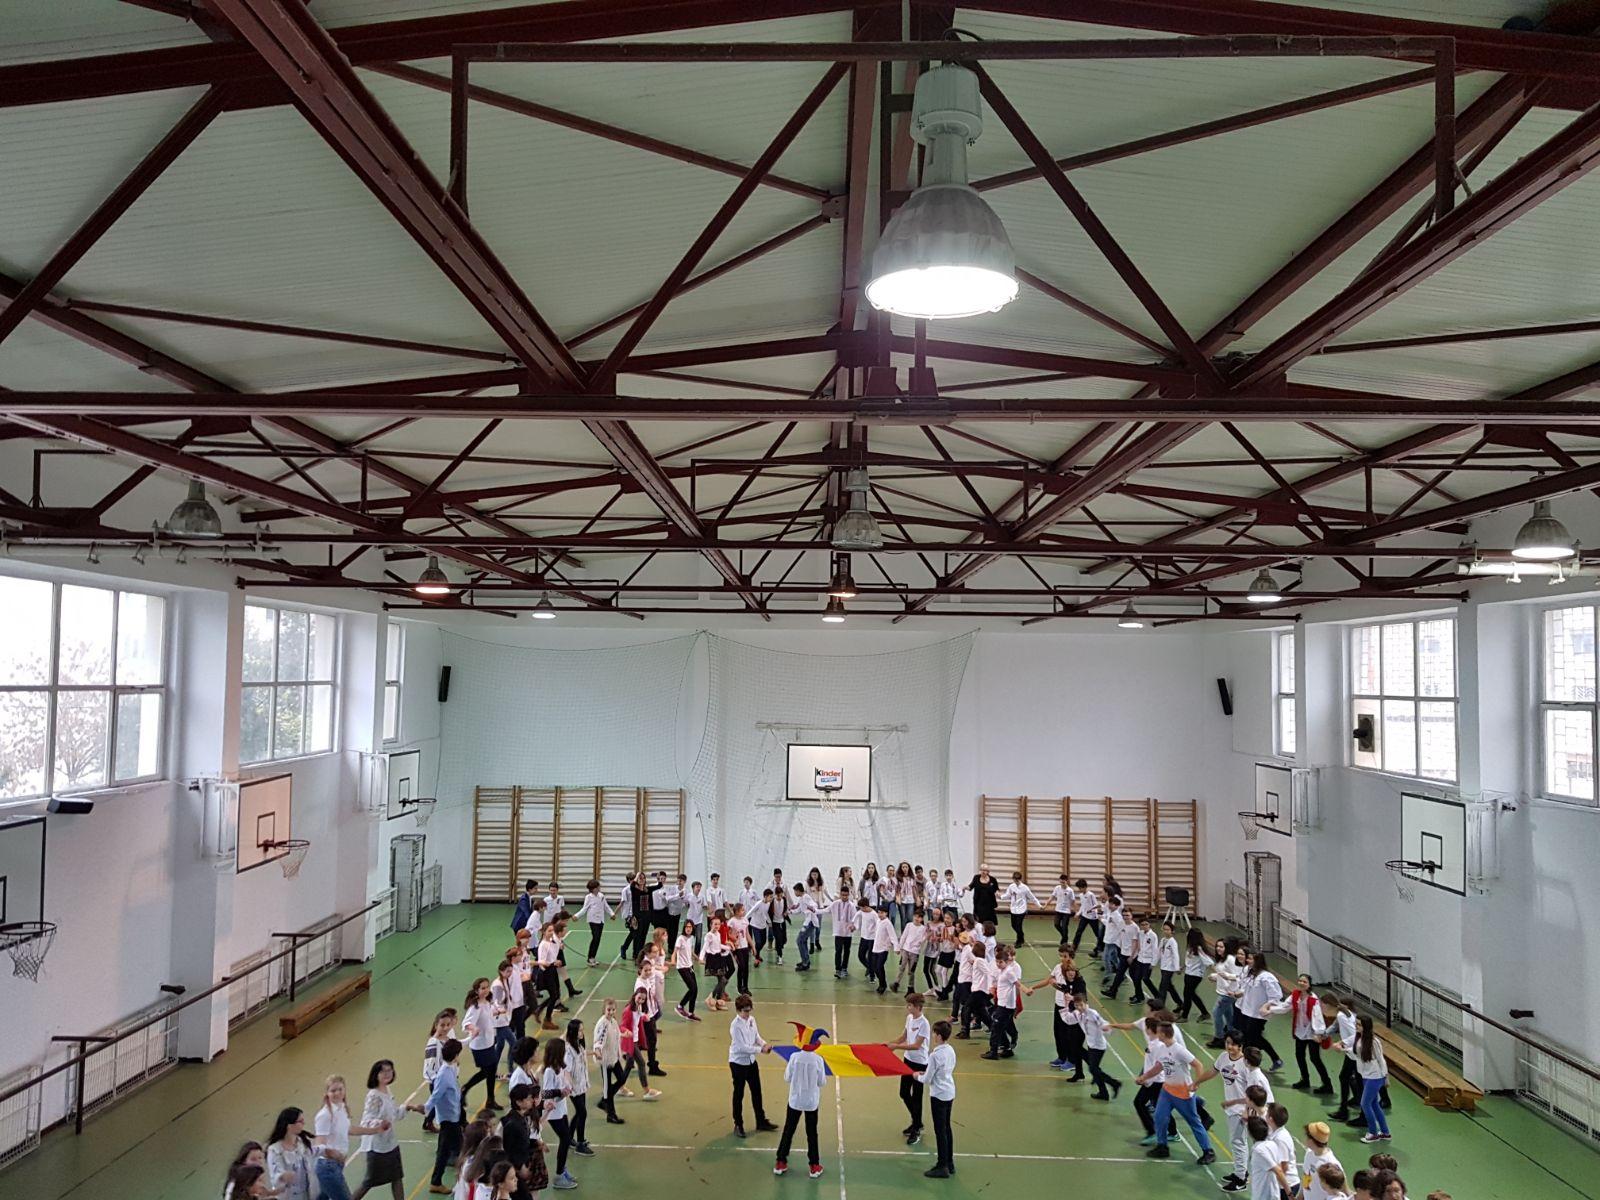 http://www.scoala12bucuresti.ro/site/wp-content/uploads/2017/12/17.jpg